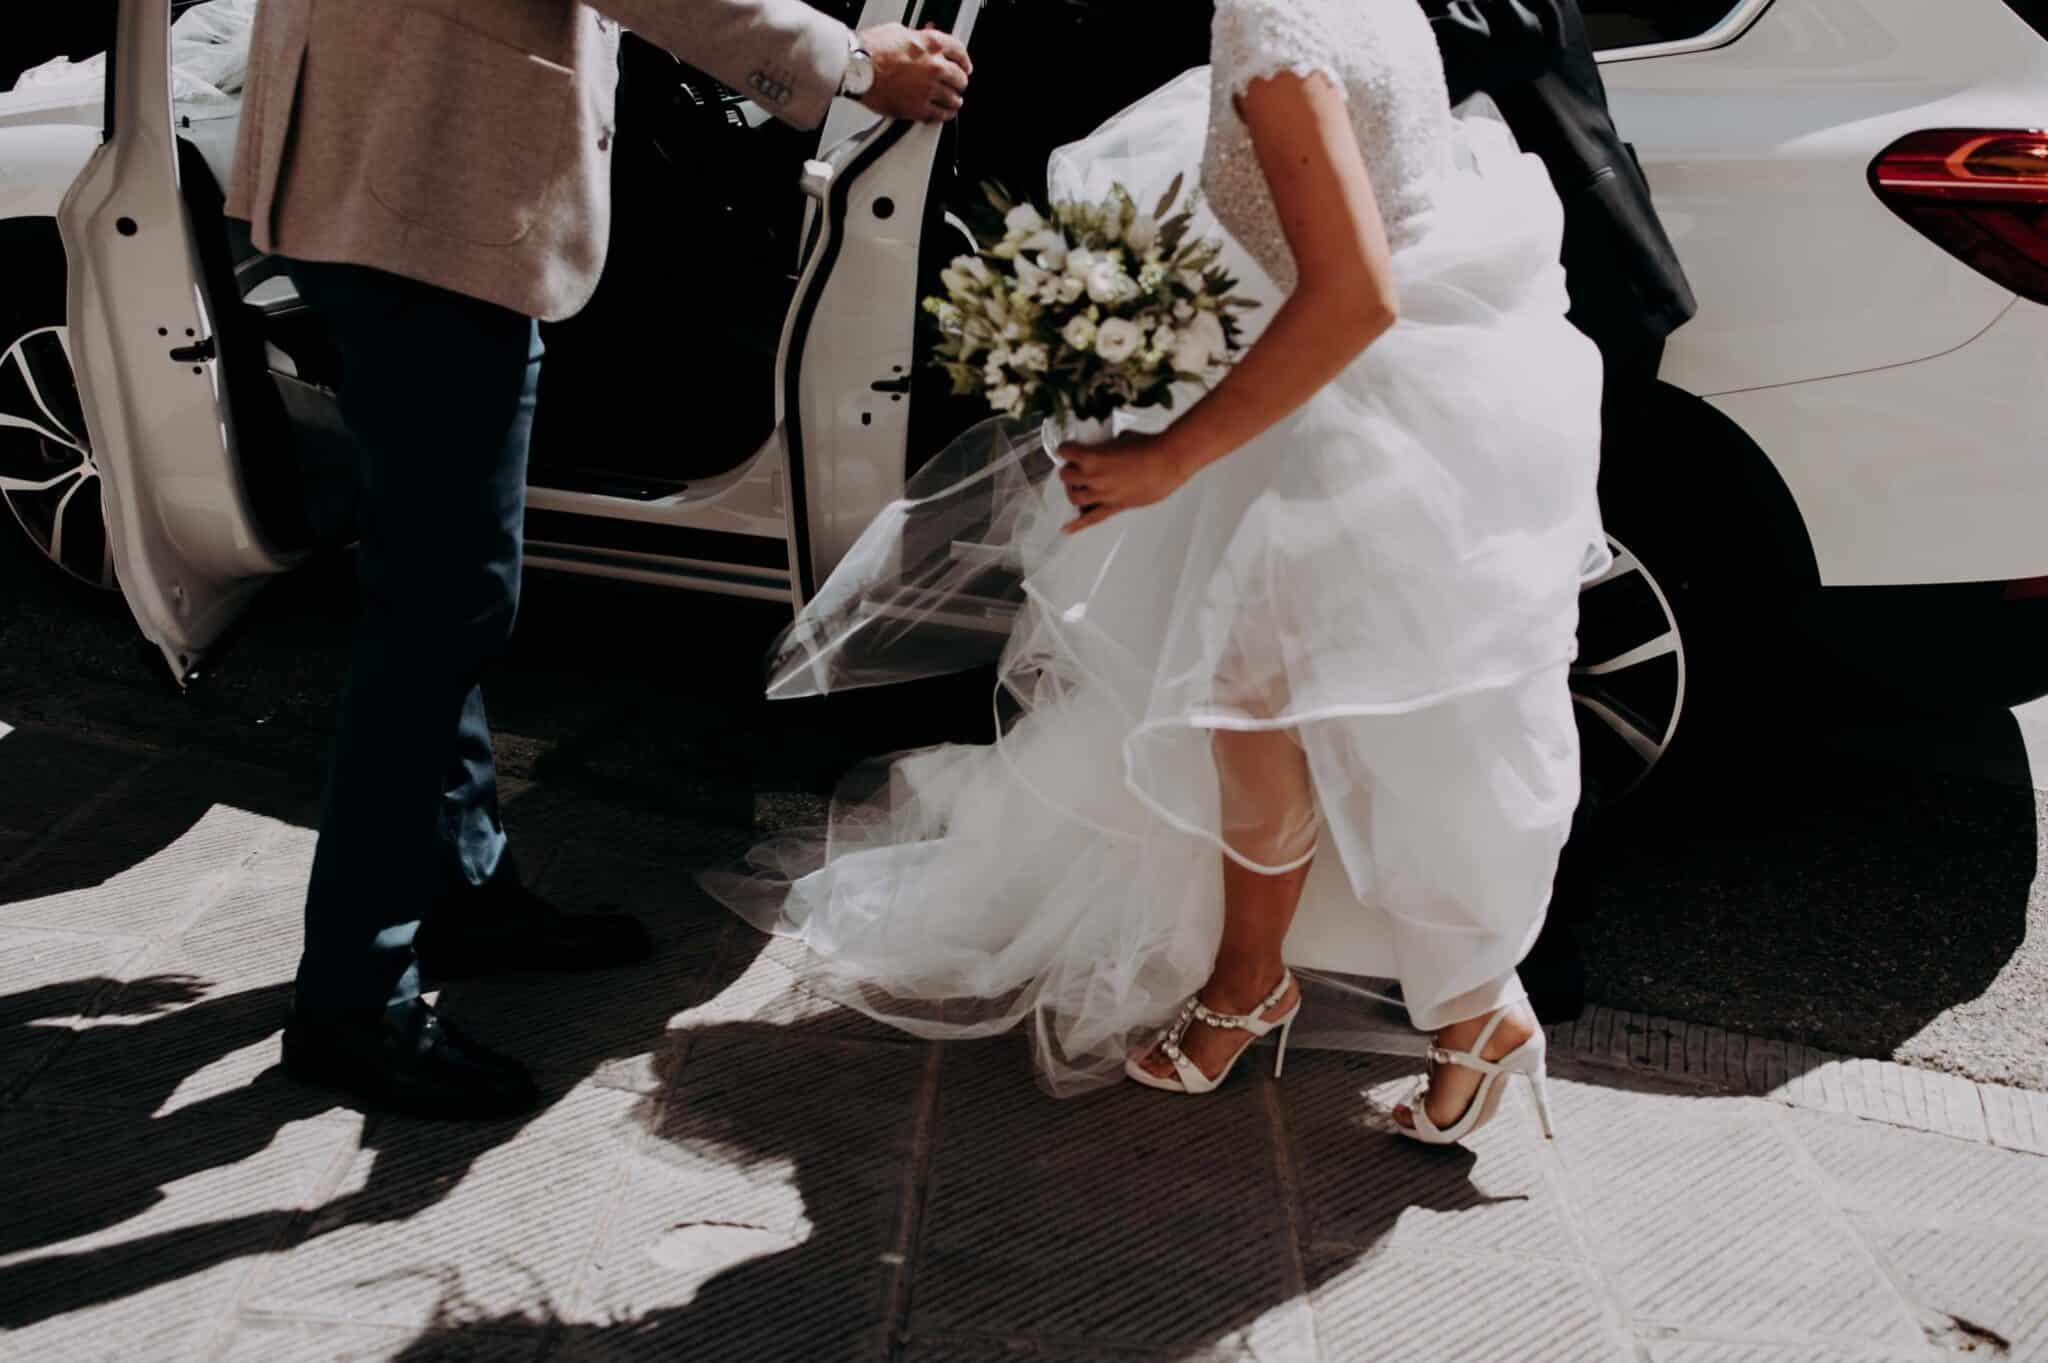 dettagli dell'arrivo della sposa ad un matrimonio ad Altopascio